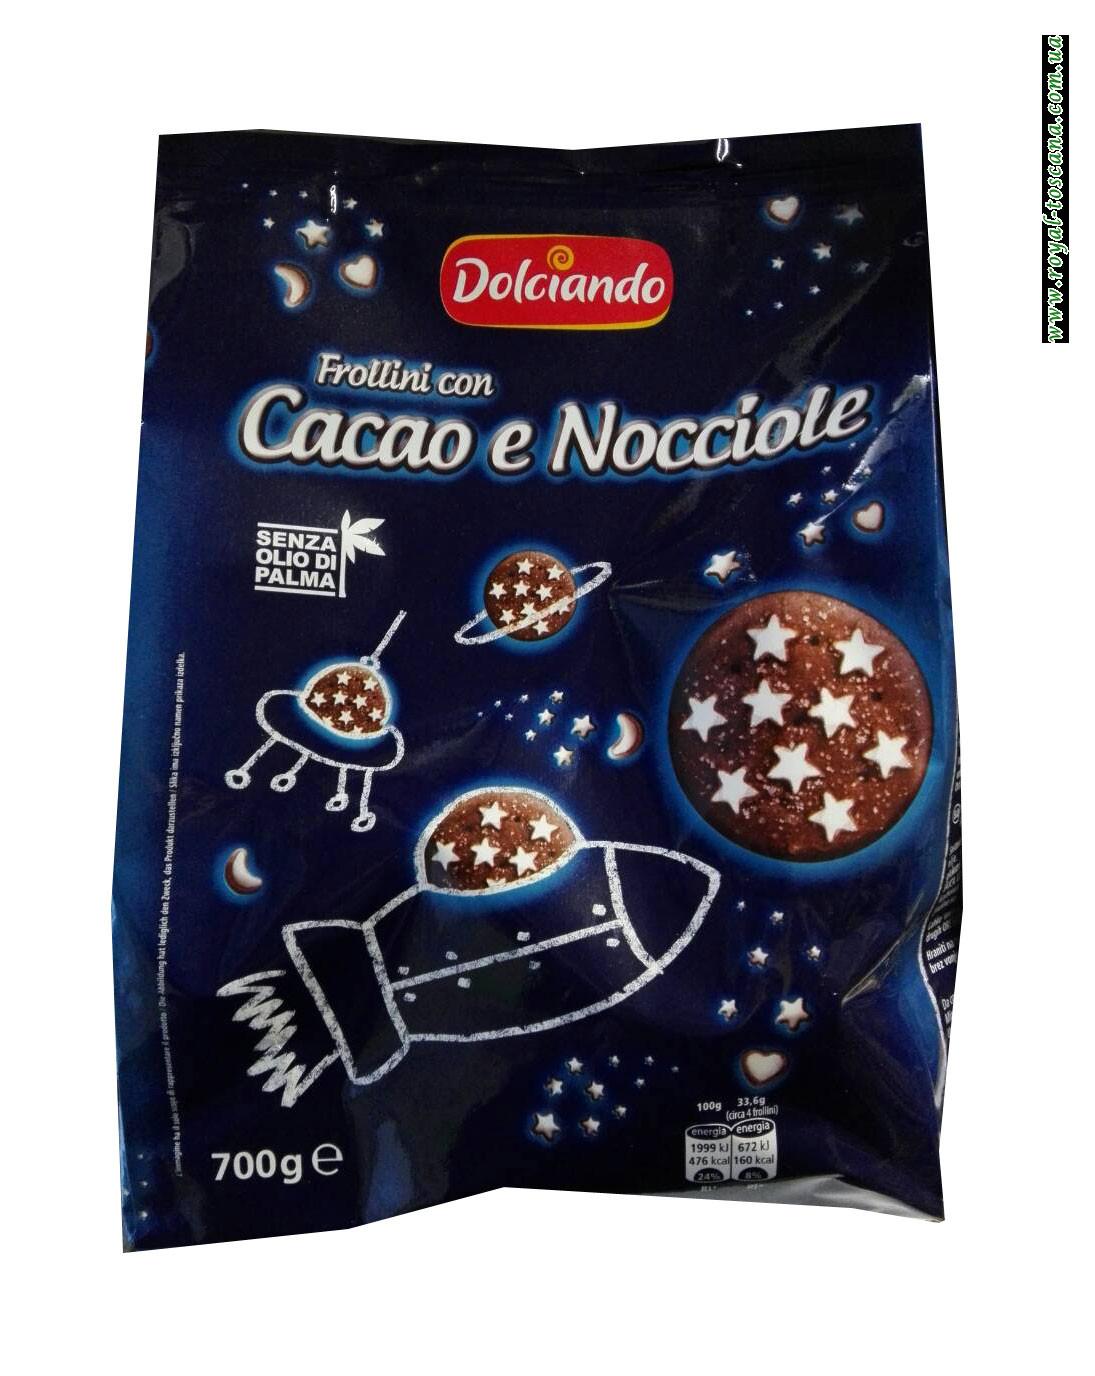 Печенье Dolciando Frollini con Cacao e Nocciole